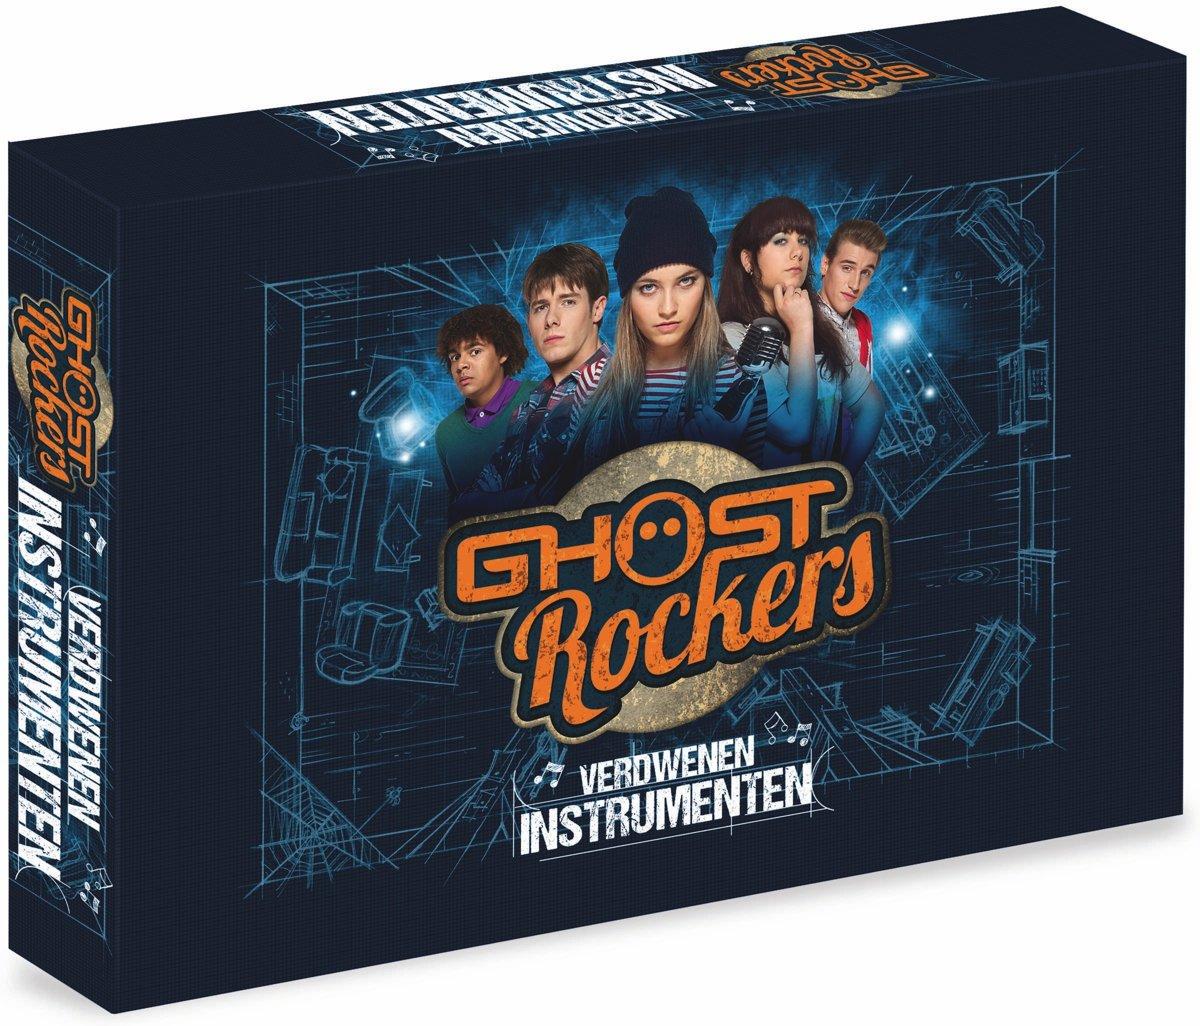 Studio 100 Ghost Rockers Spel - De Verdwenen Instrumenten